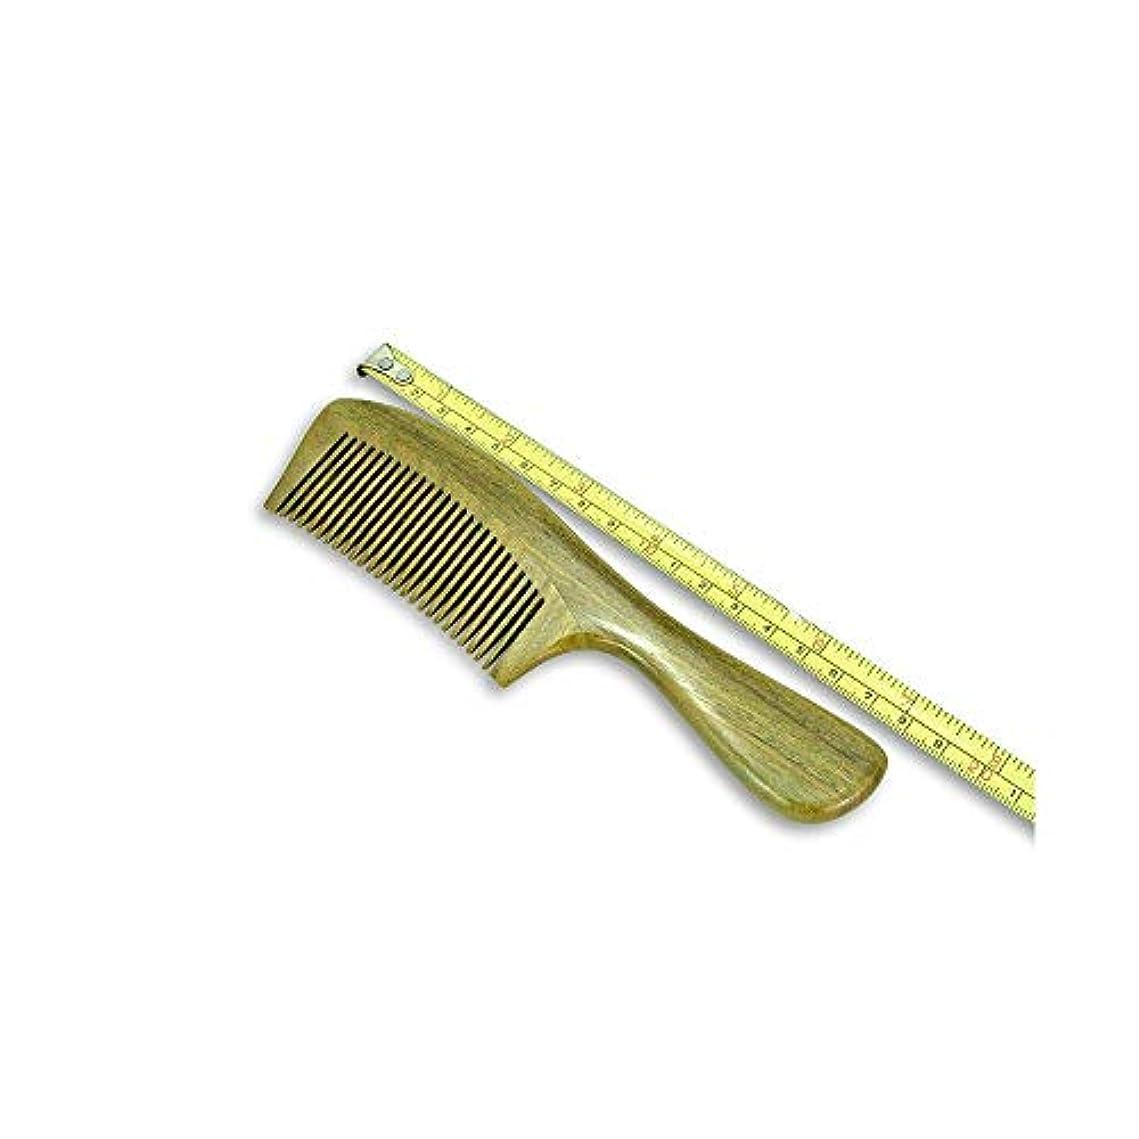 言語学不安定雨Fashianナチュラルグリーンサンダルウッドの木製くし手作り抗静的ワイドで薄い歯 ヘアケア